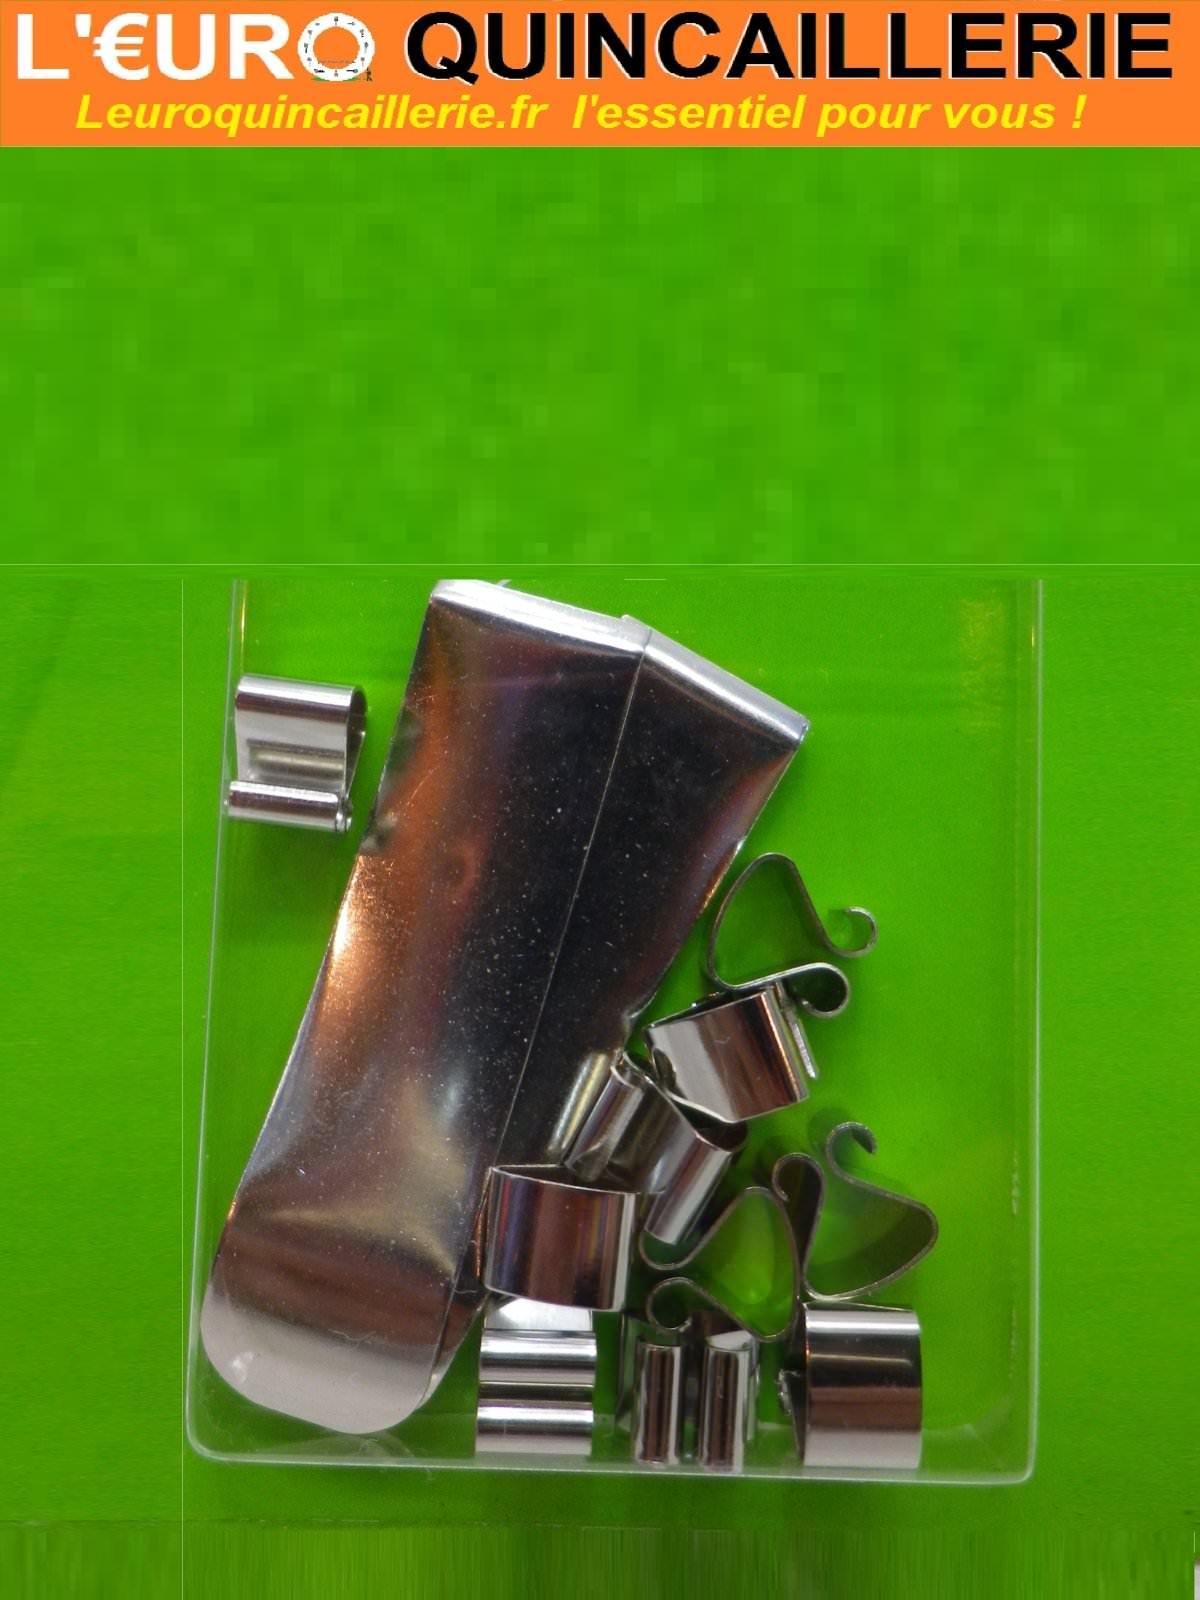 Pinces sous-verre 7mm